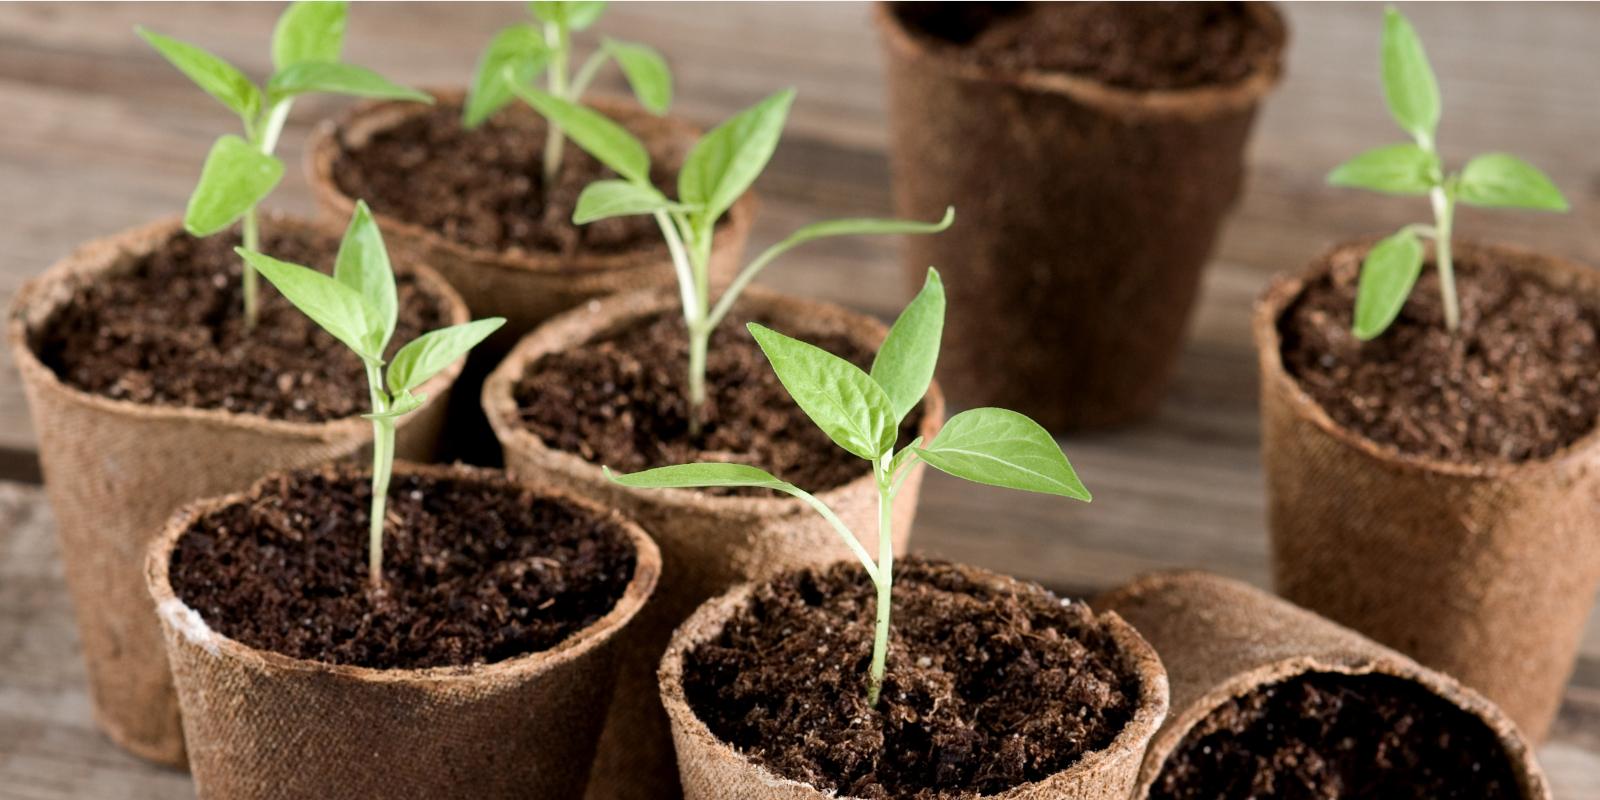 Vom Samen zum Steckling: So kannst du dein Gemüse im Frühling selbst vorziehen